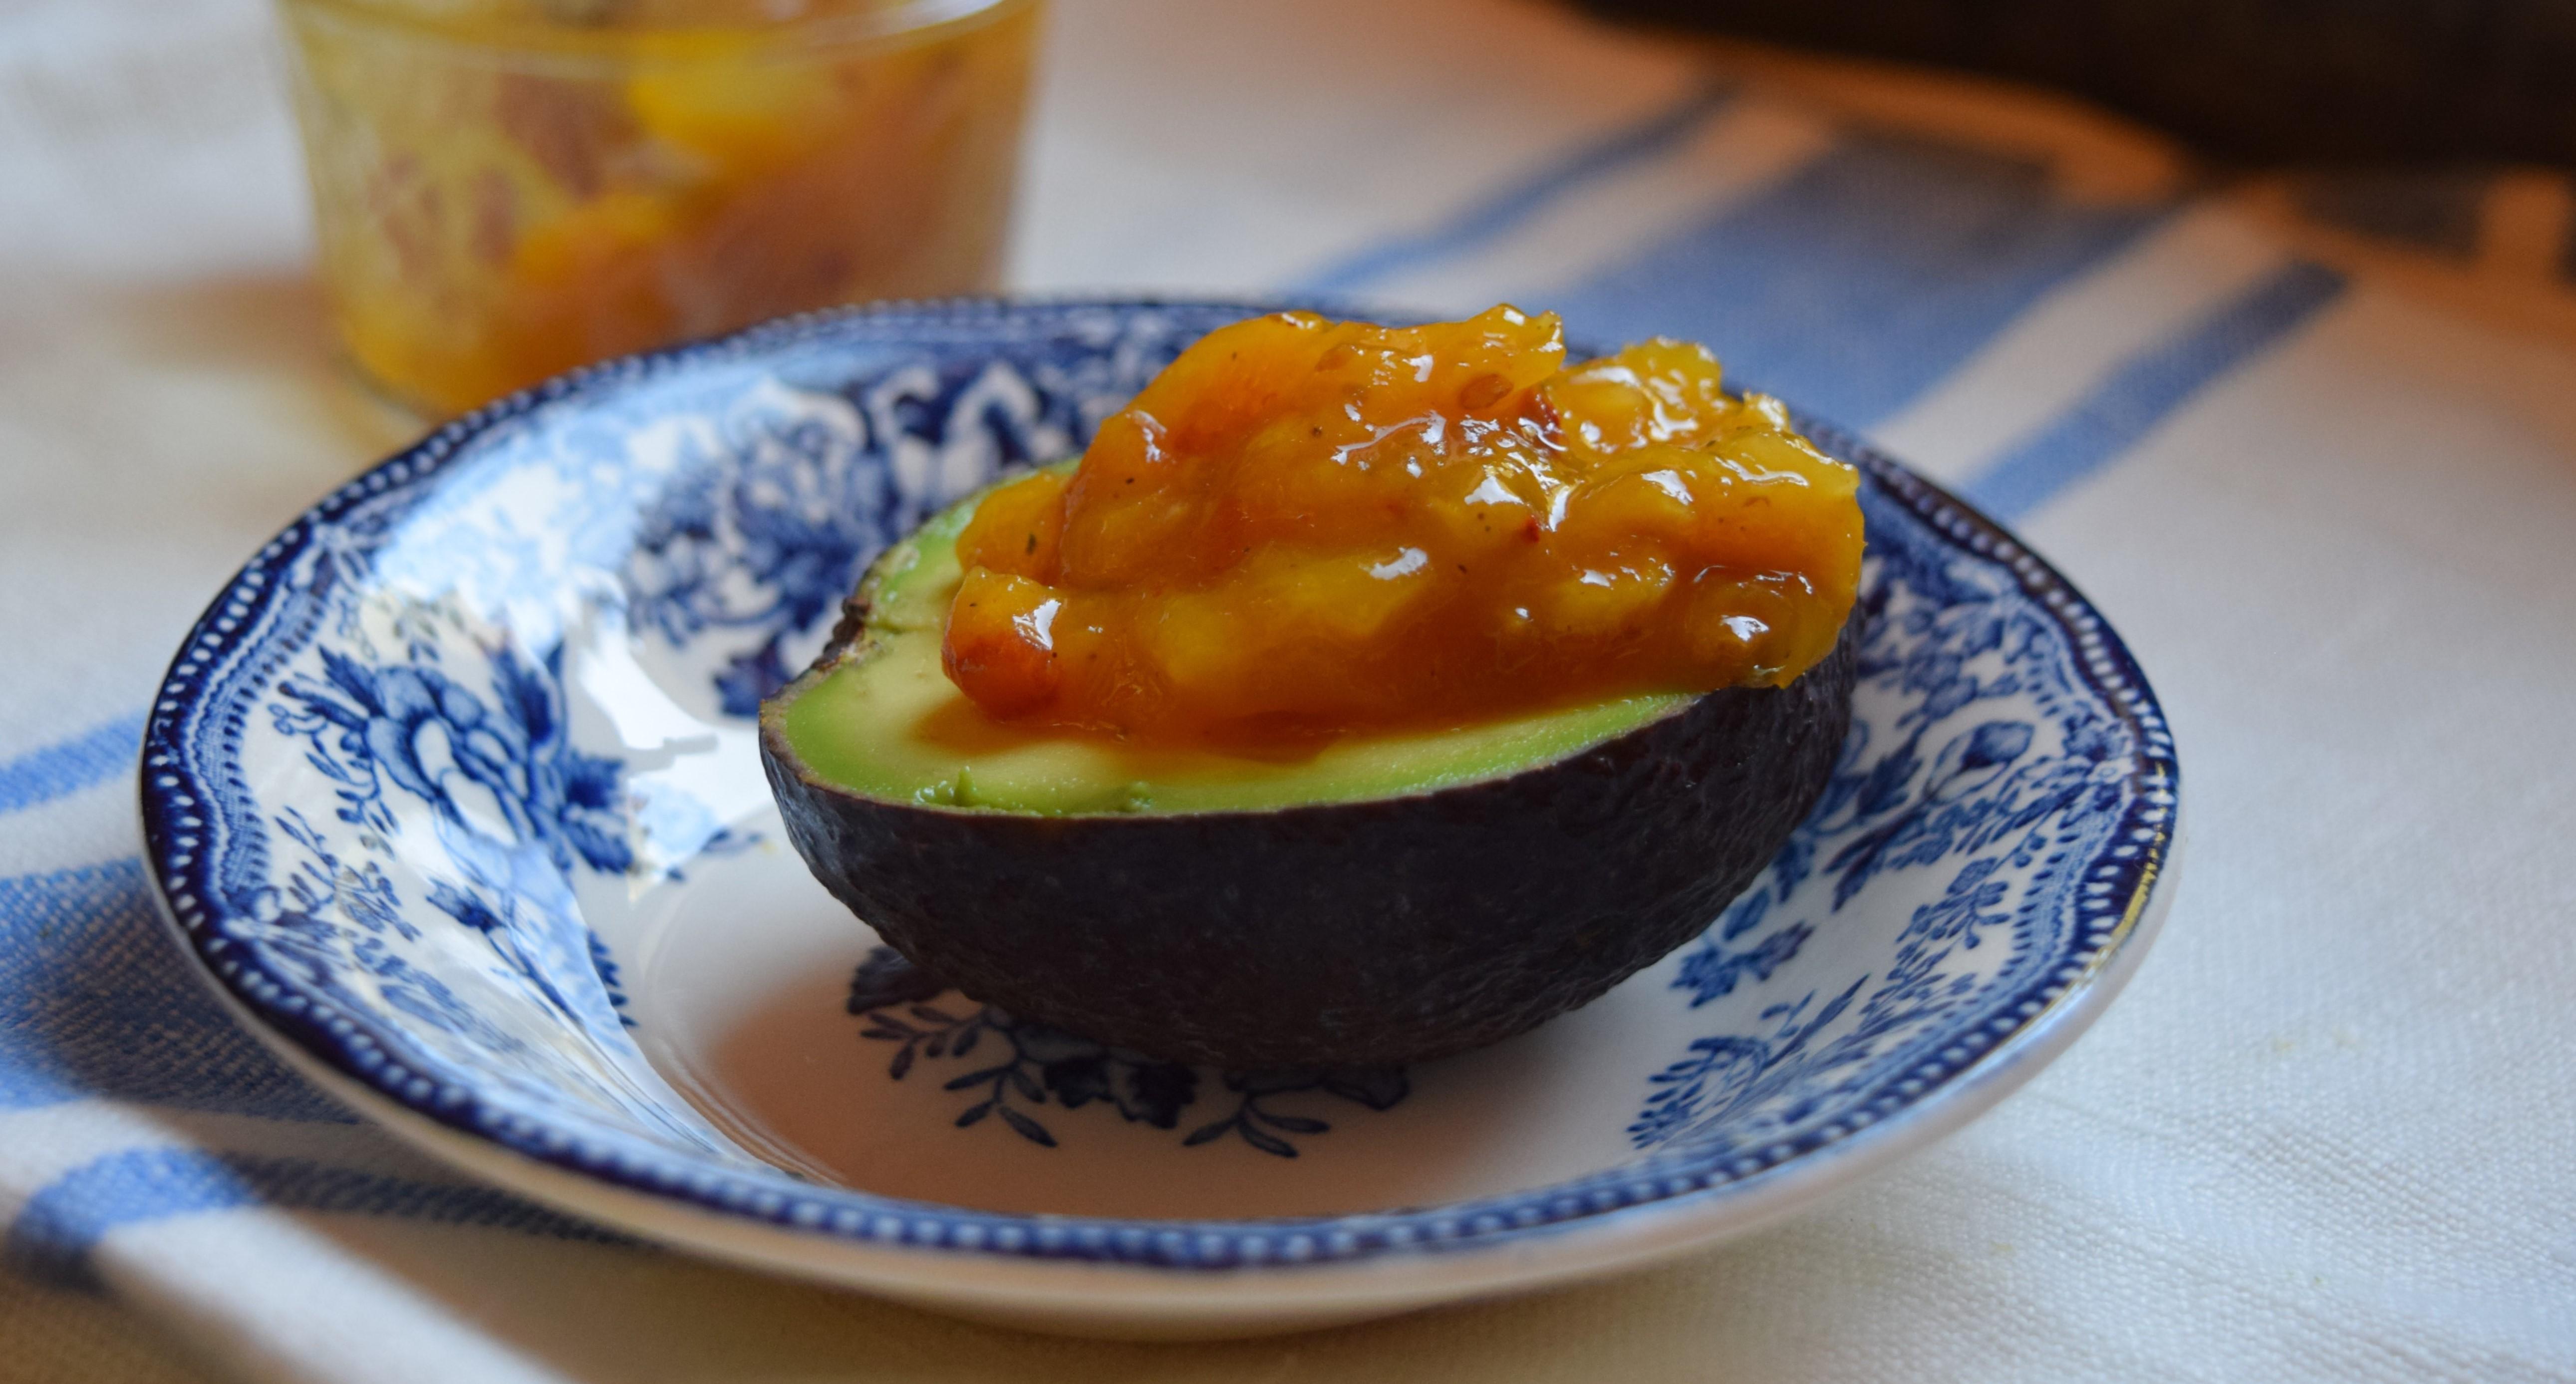 jenjoycedesign© jens mango chutney